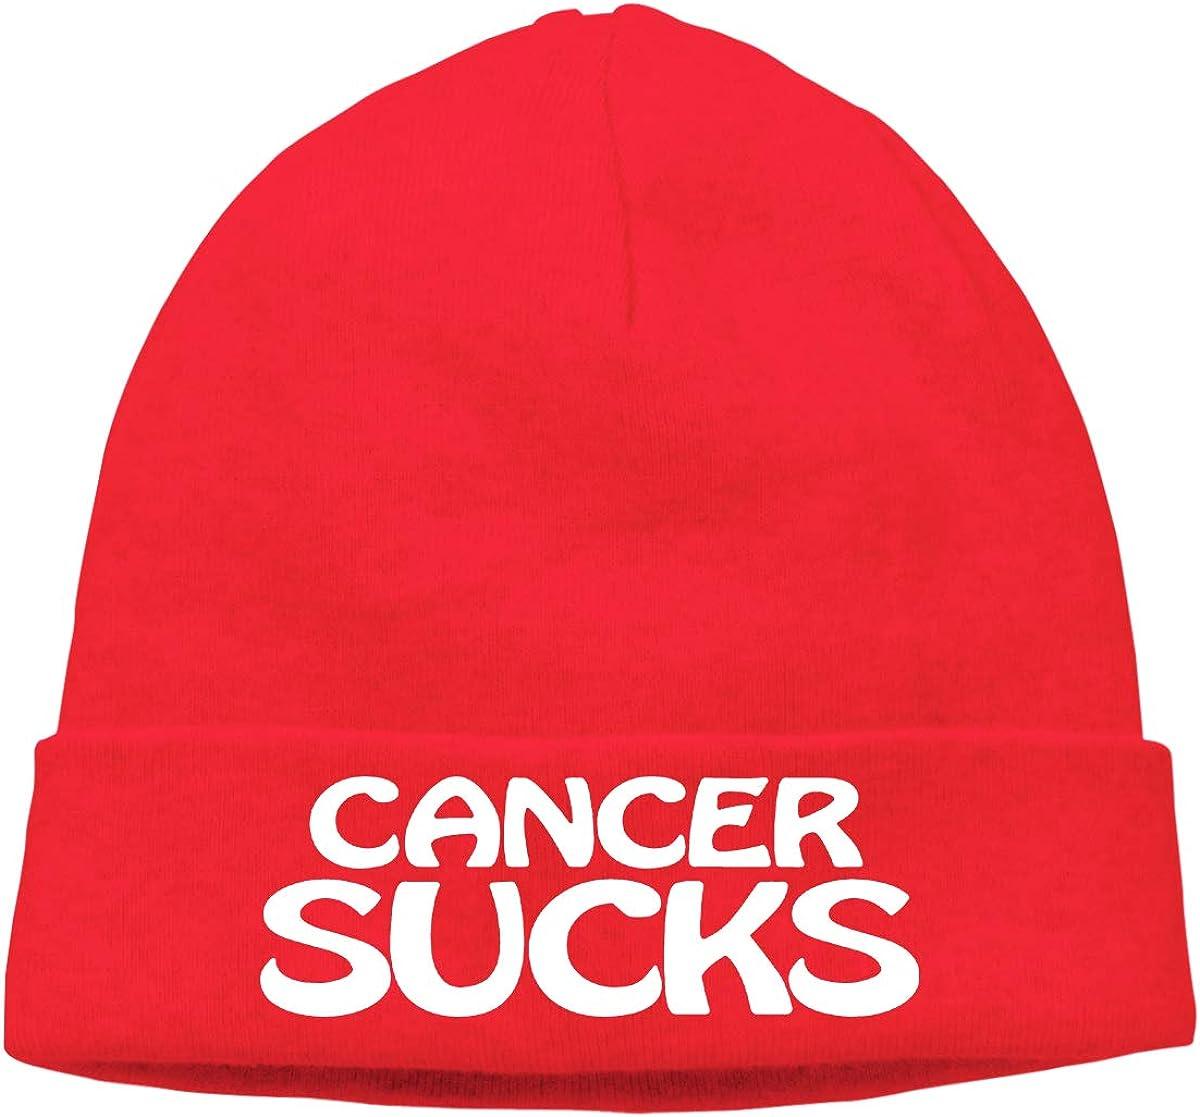 Cancer Sucks CgyOIUY-lop Beanie Hat Warm Hats Skull Cap Knitted Hat